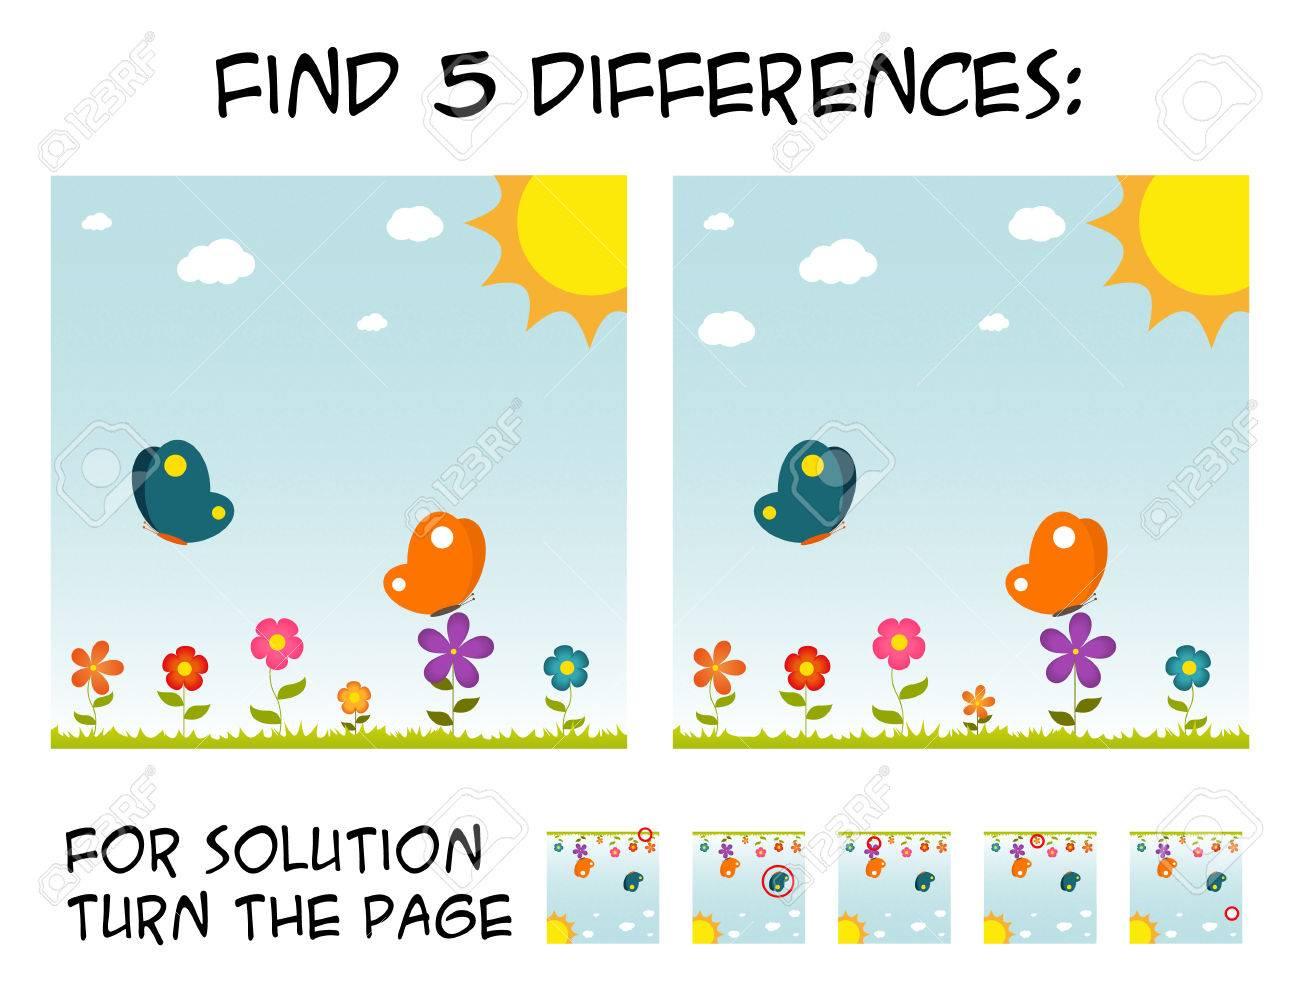 Jeu De L'enfant - Trouver 5 Différences Dans Les Images; Avec Une Solution  Étape Par Étape; Photo Avec Des Papillons Et Des Fleurs Pendant La Journée dedans Les 5 Differences